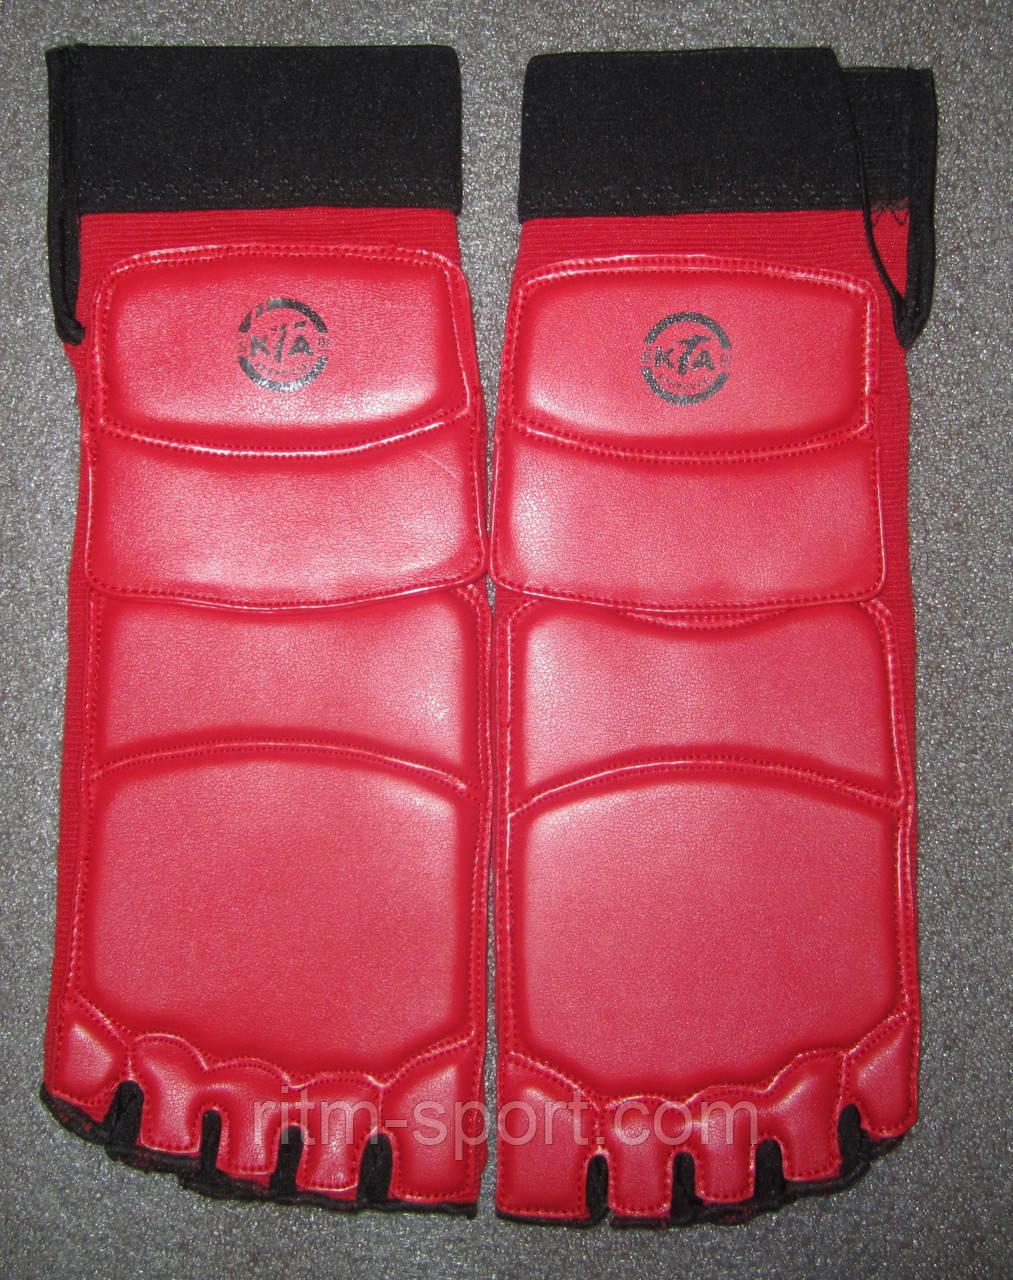 Захист для стопи червона (фути)